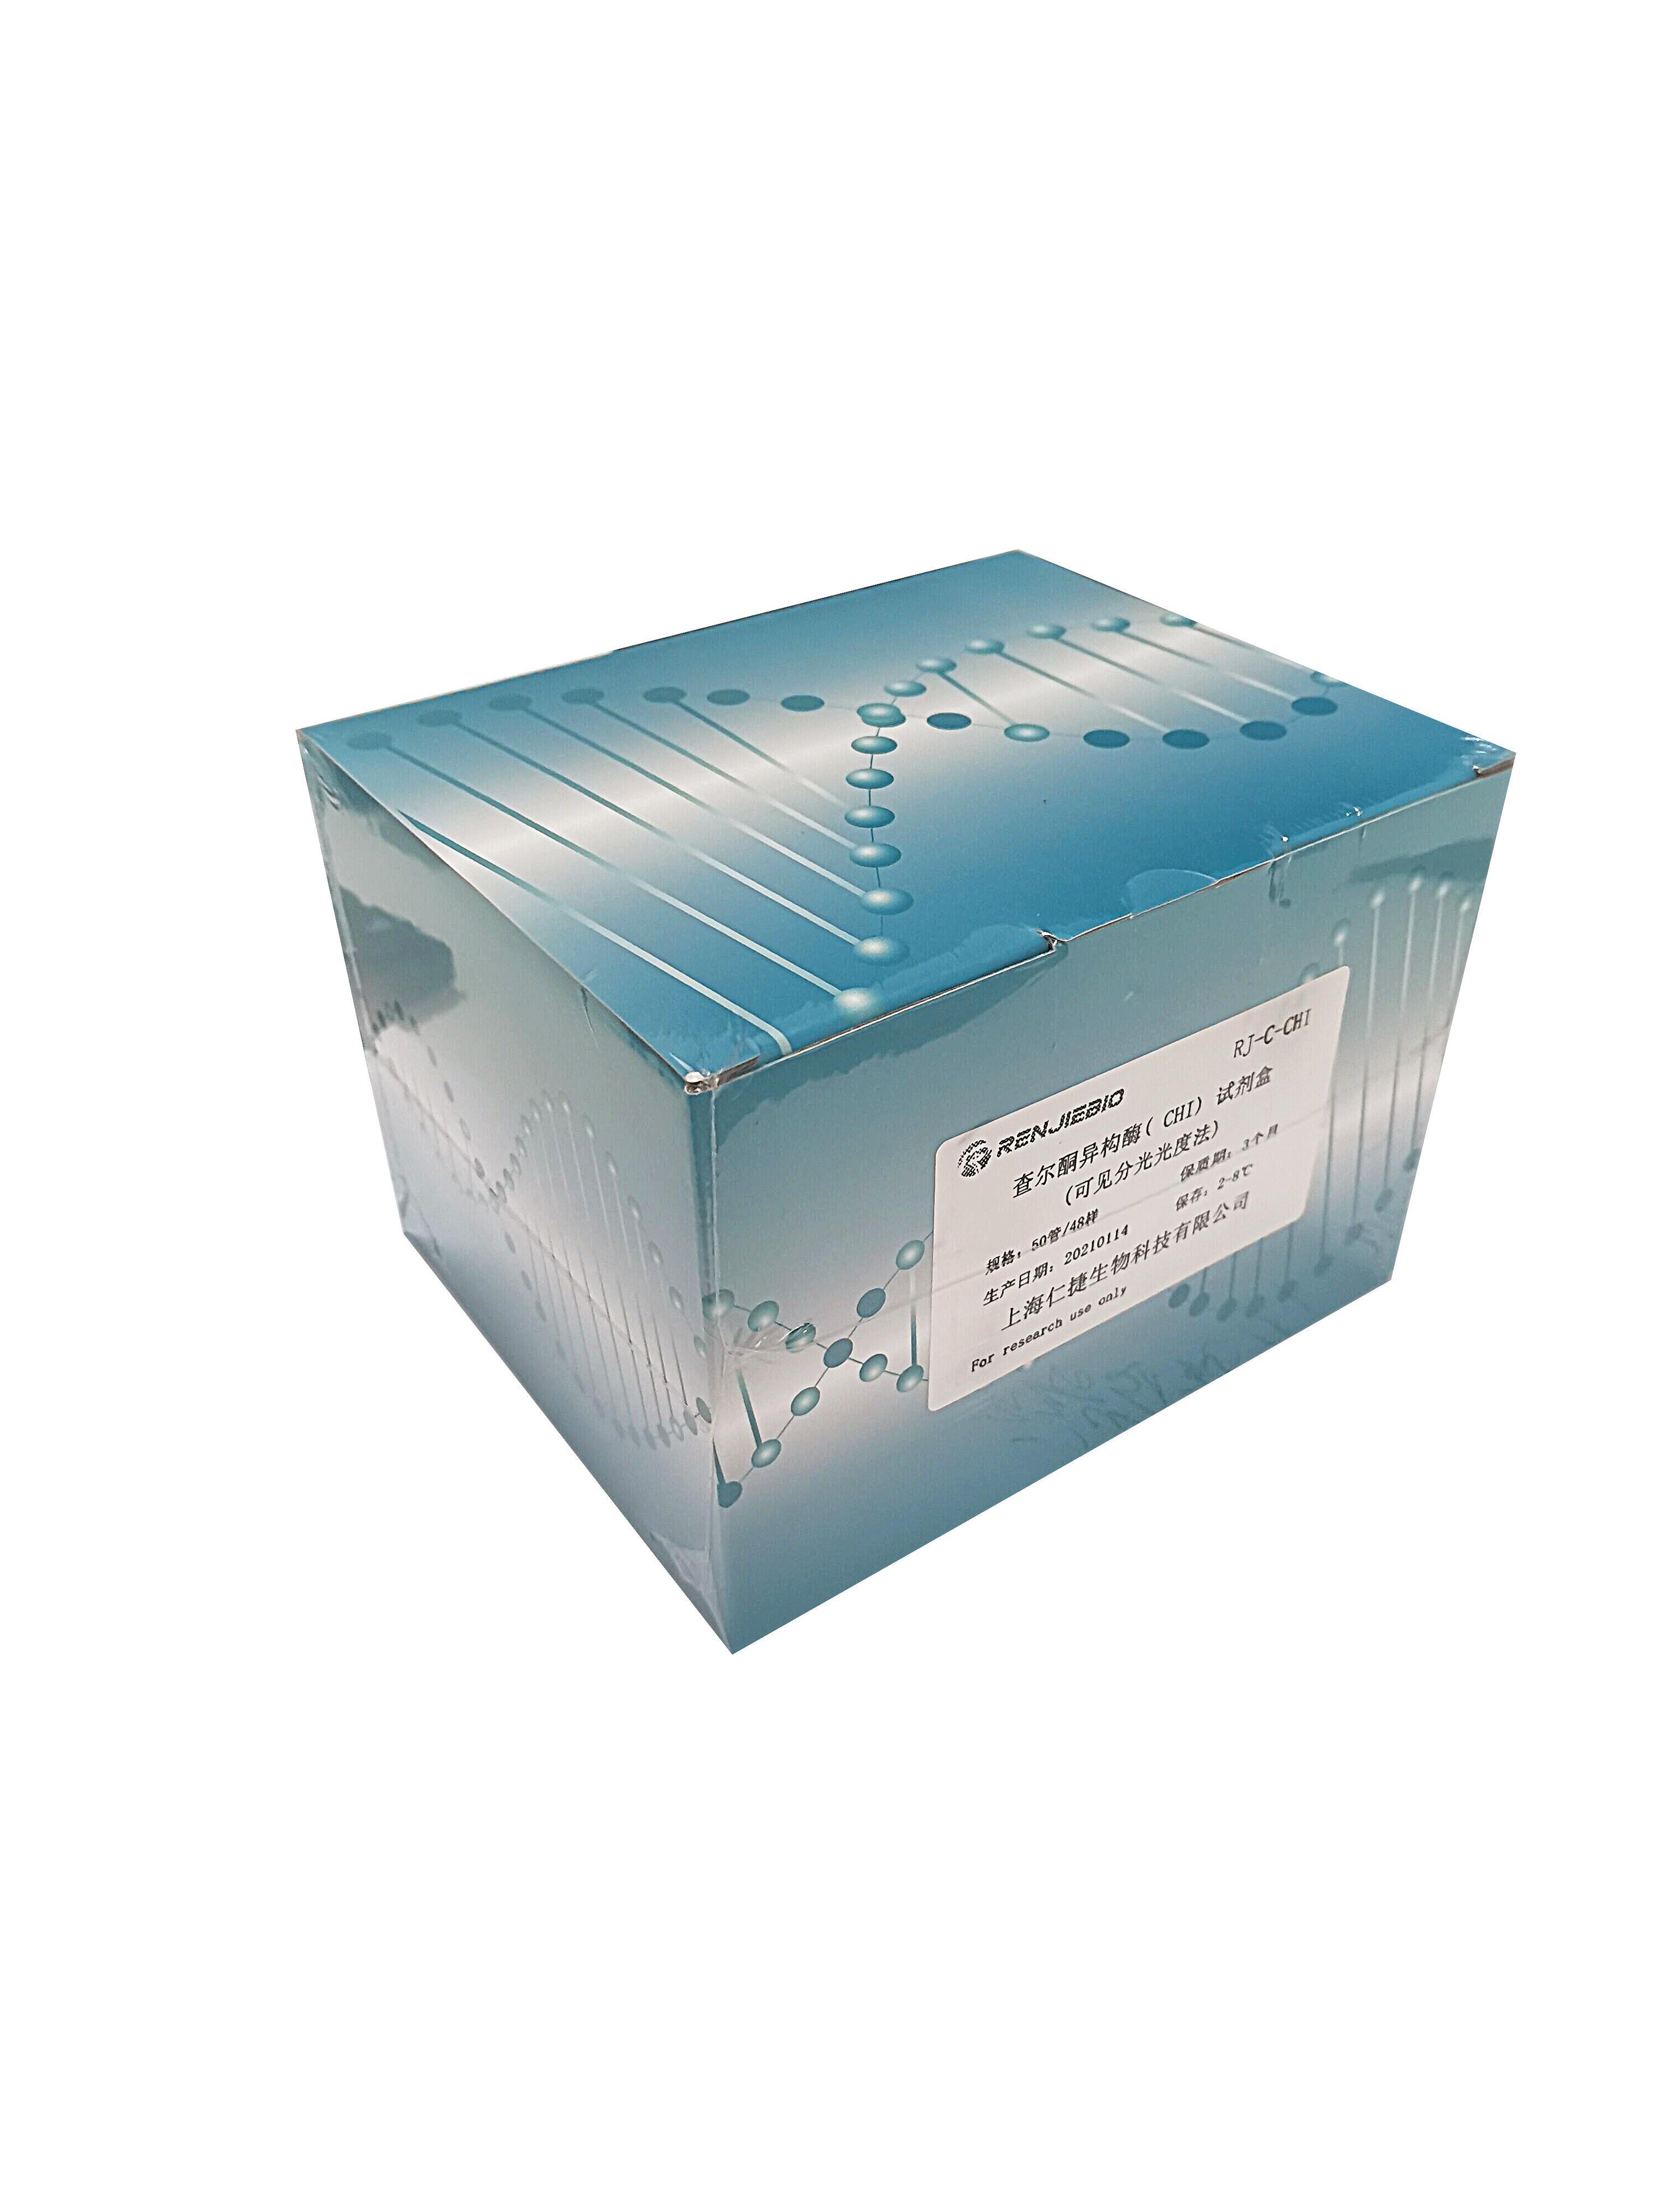 中性木聚糖酶测试盒-微量法